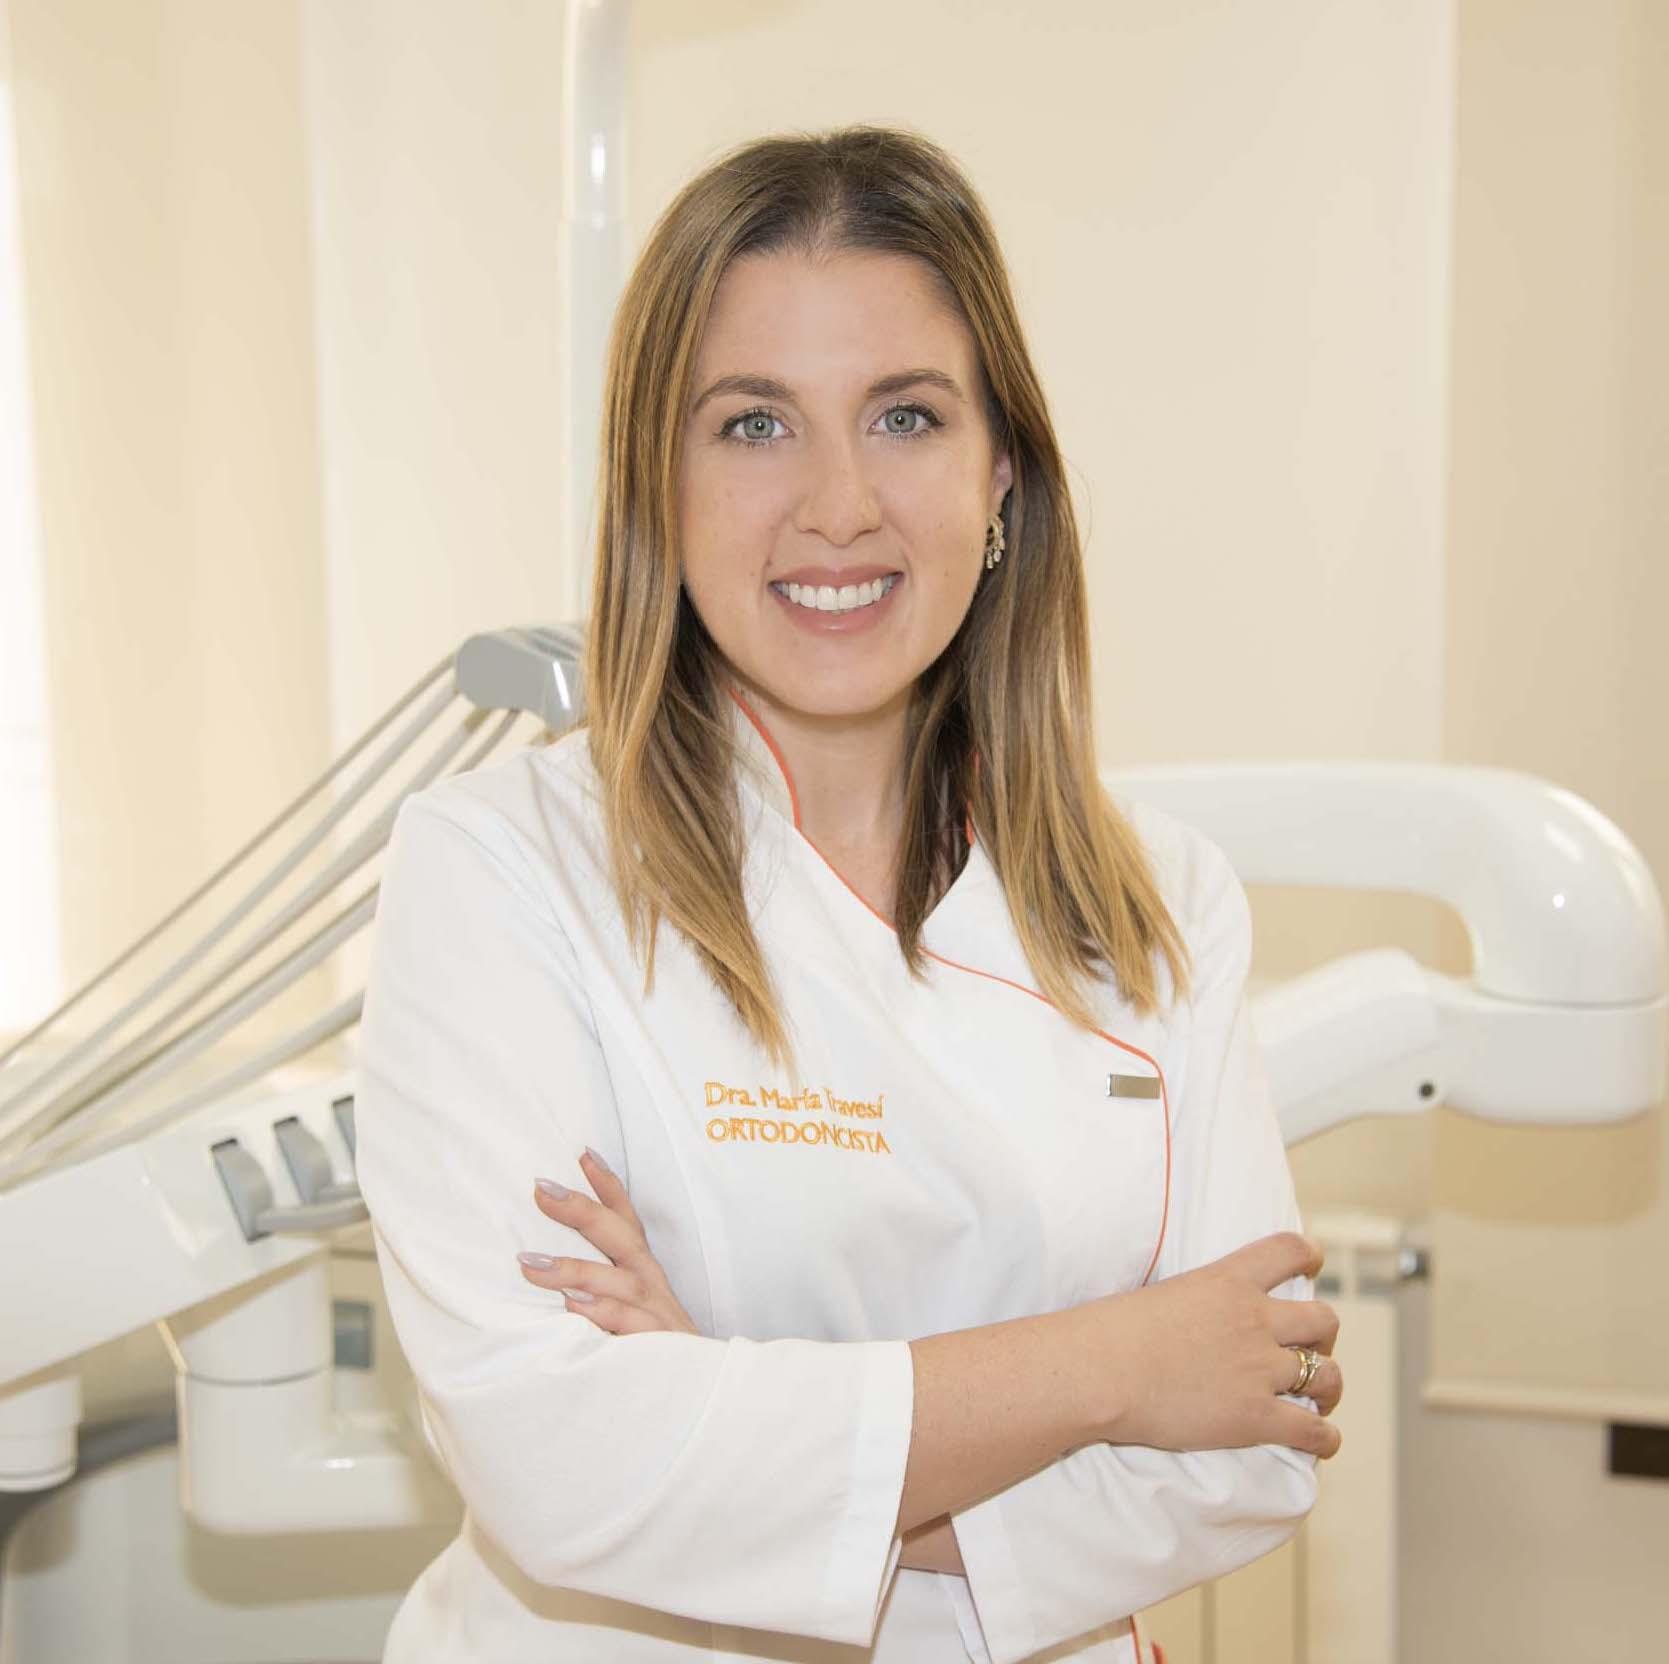 Ortodoncista Baza - Dra. María Travesí